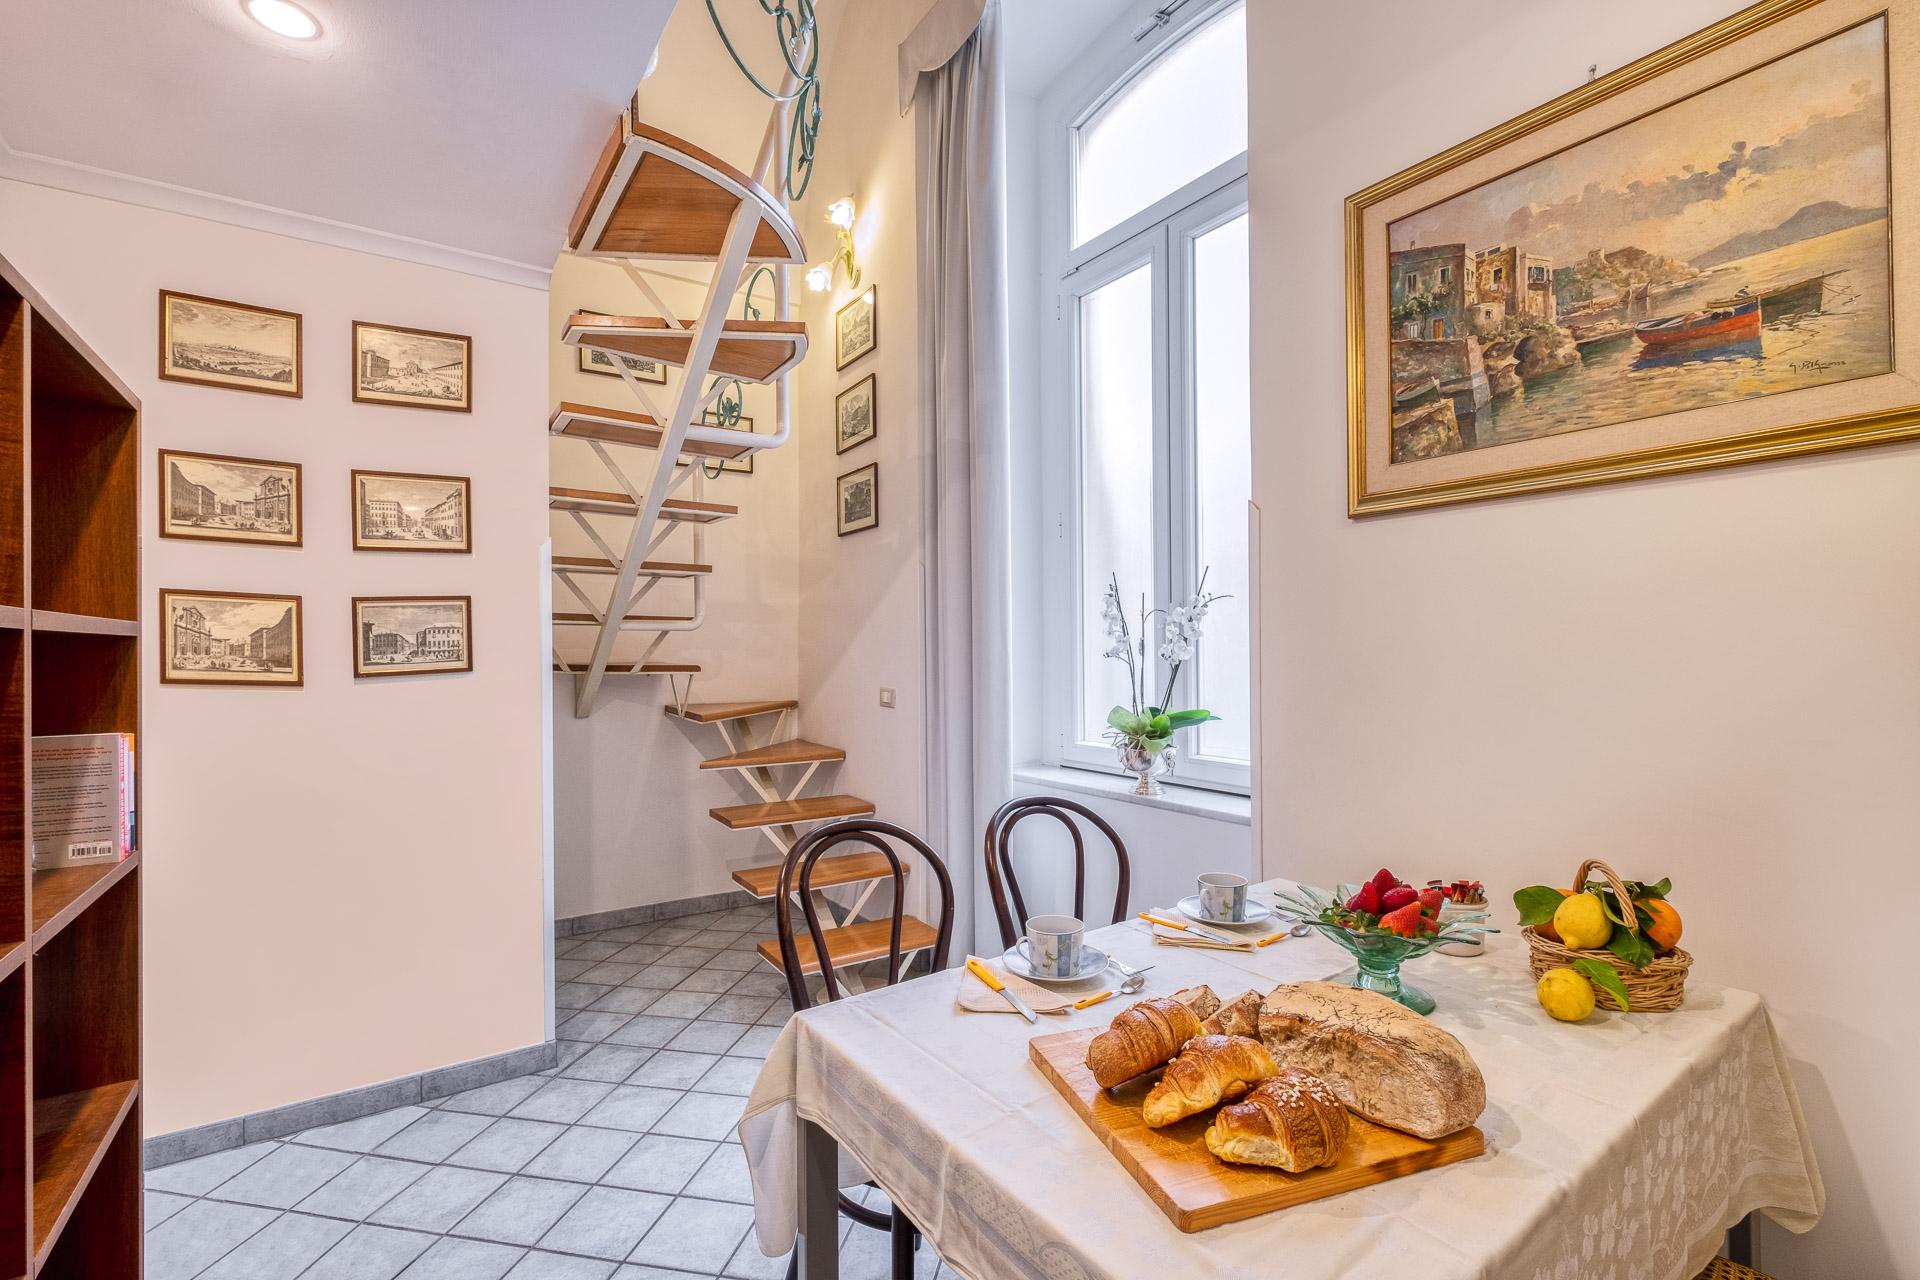 Sant'Antonino Suite Sorrento photo 16426892